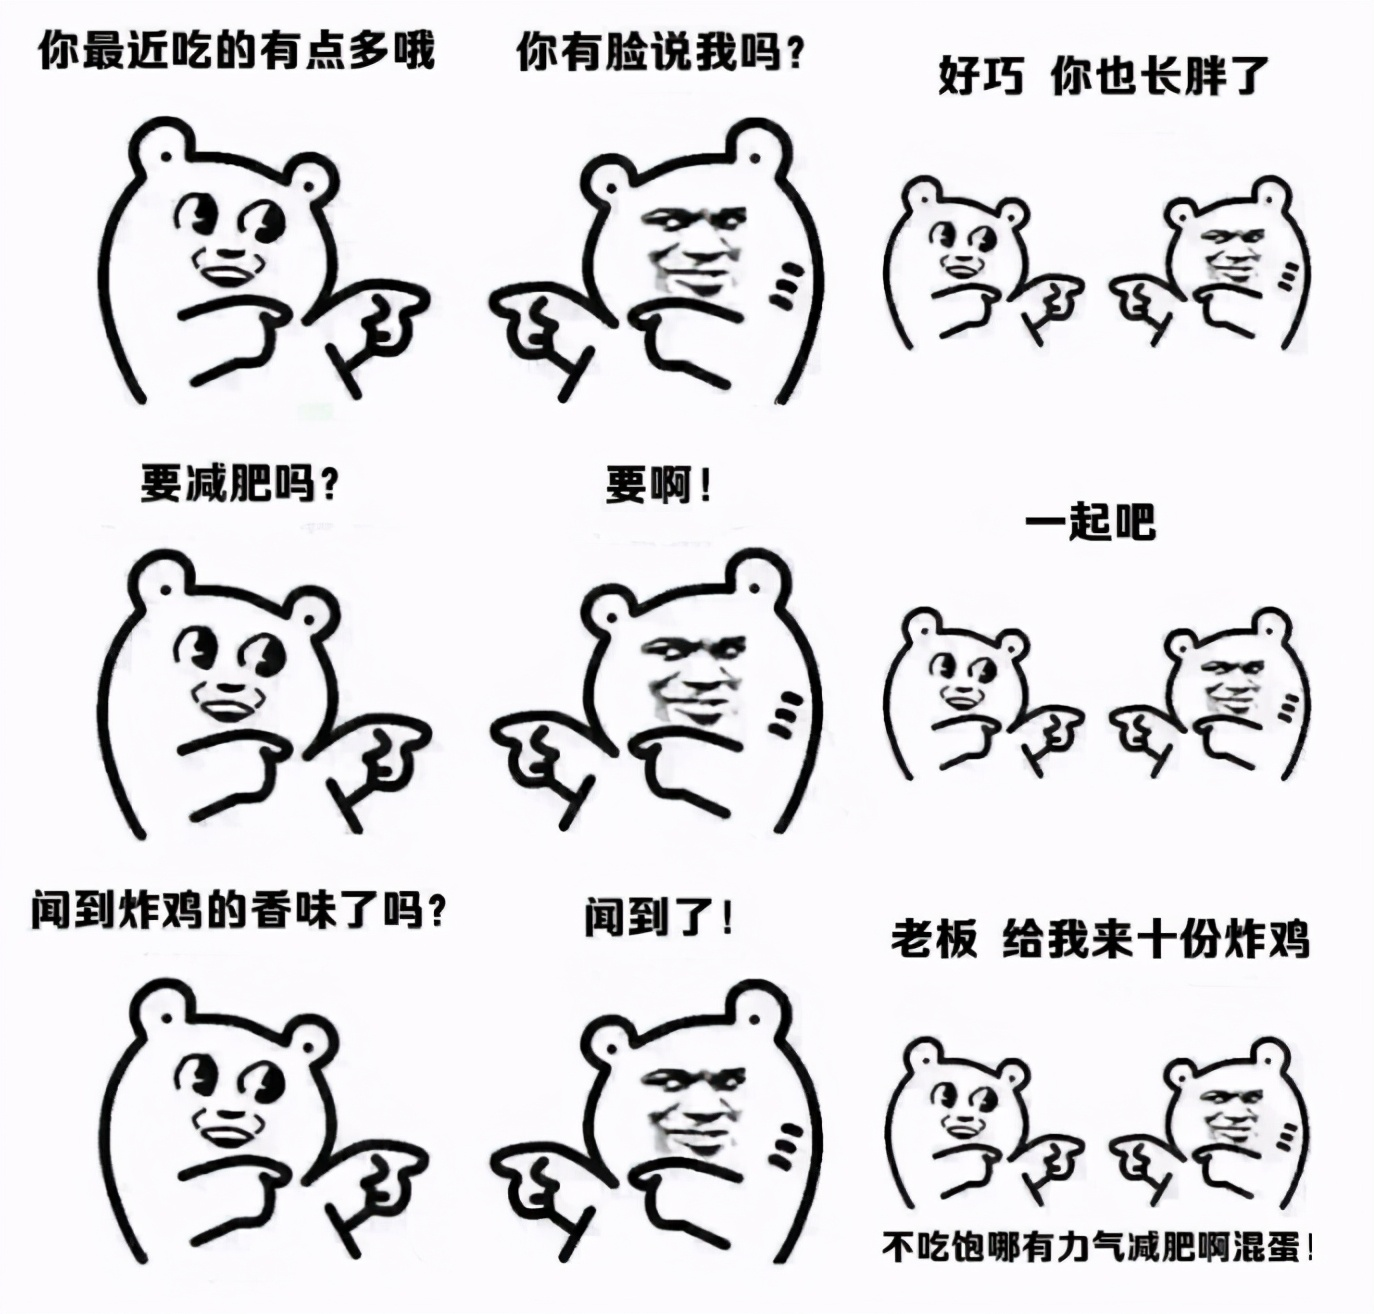 肖战经纪人张晶,发文澄清同人文《下坠》!称:太降智太无聊了